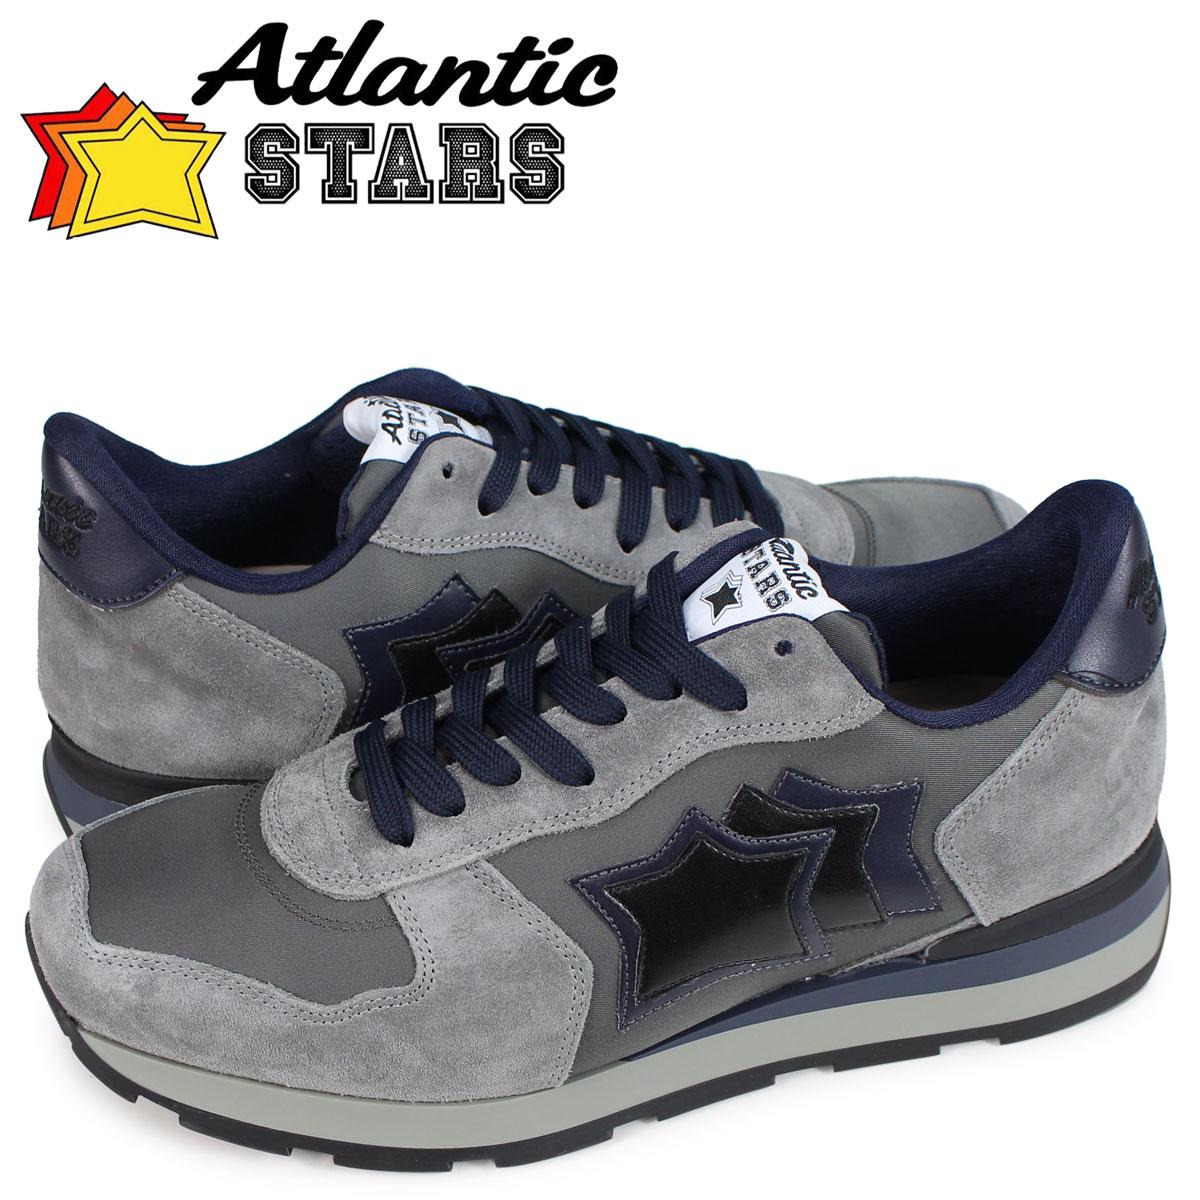 【最大2000円OFFクーポン】 アトランティックスターズ スニーカー メンズ Atlantic STARS アンタレス ANTARES GA-06N グレー